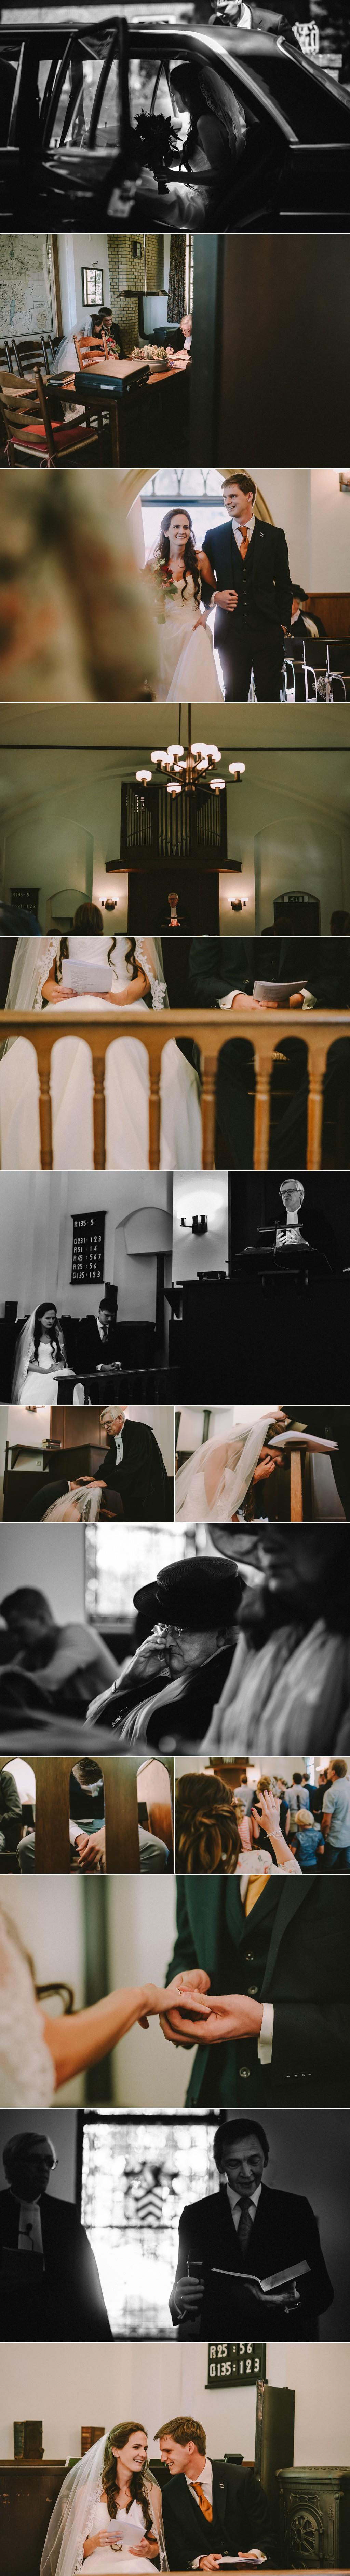 fotografie-steef-utama-te-leuk-trouwen-nunspeet-rotterdam-trouwen-in-het-bos-02